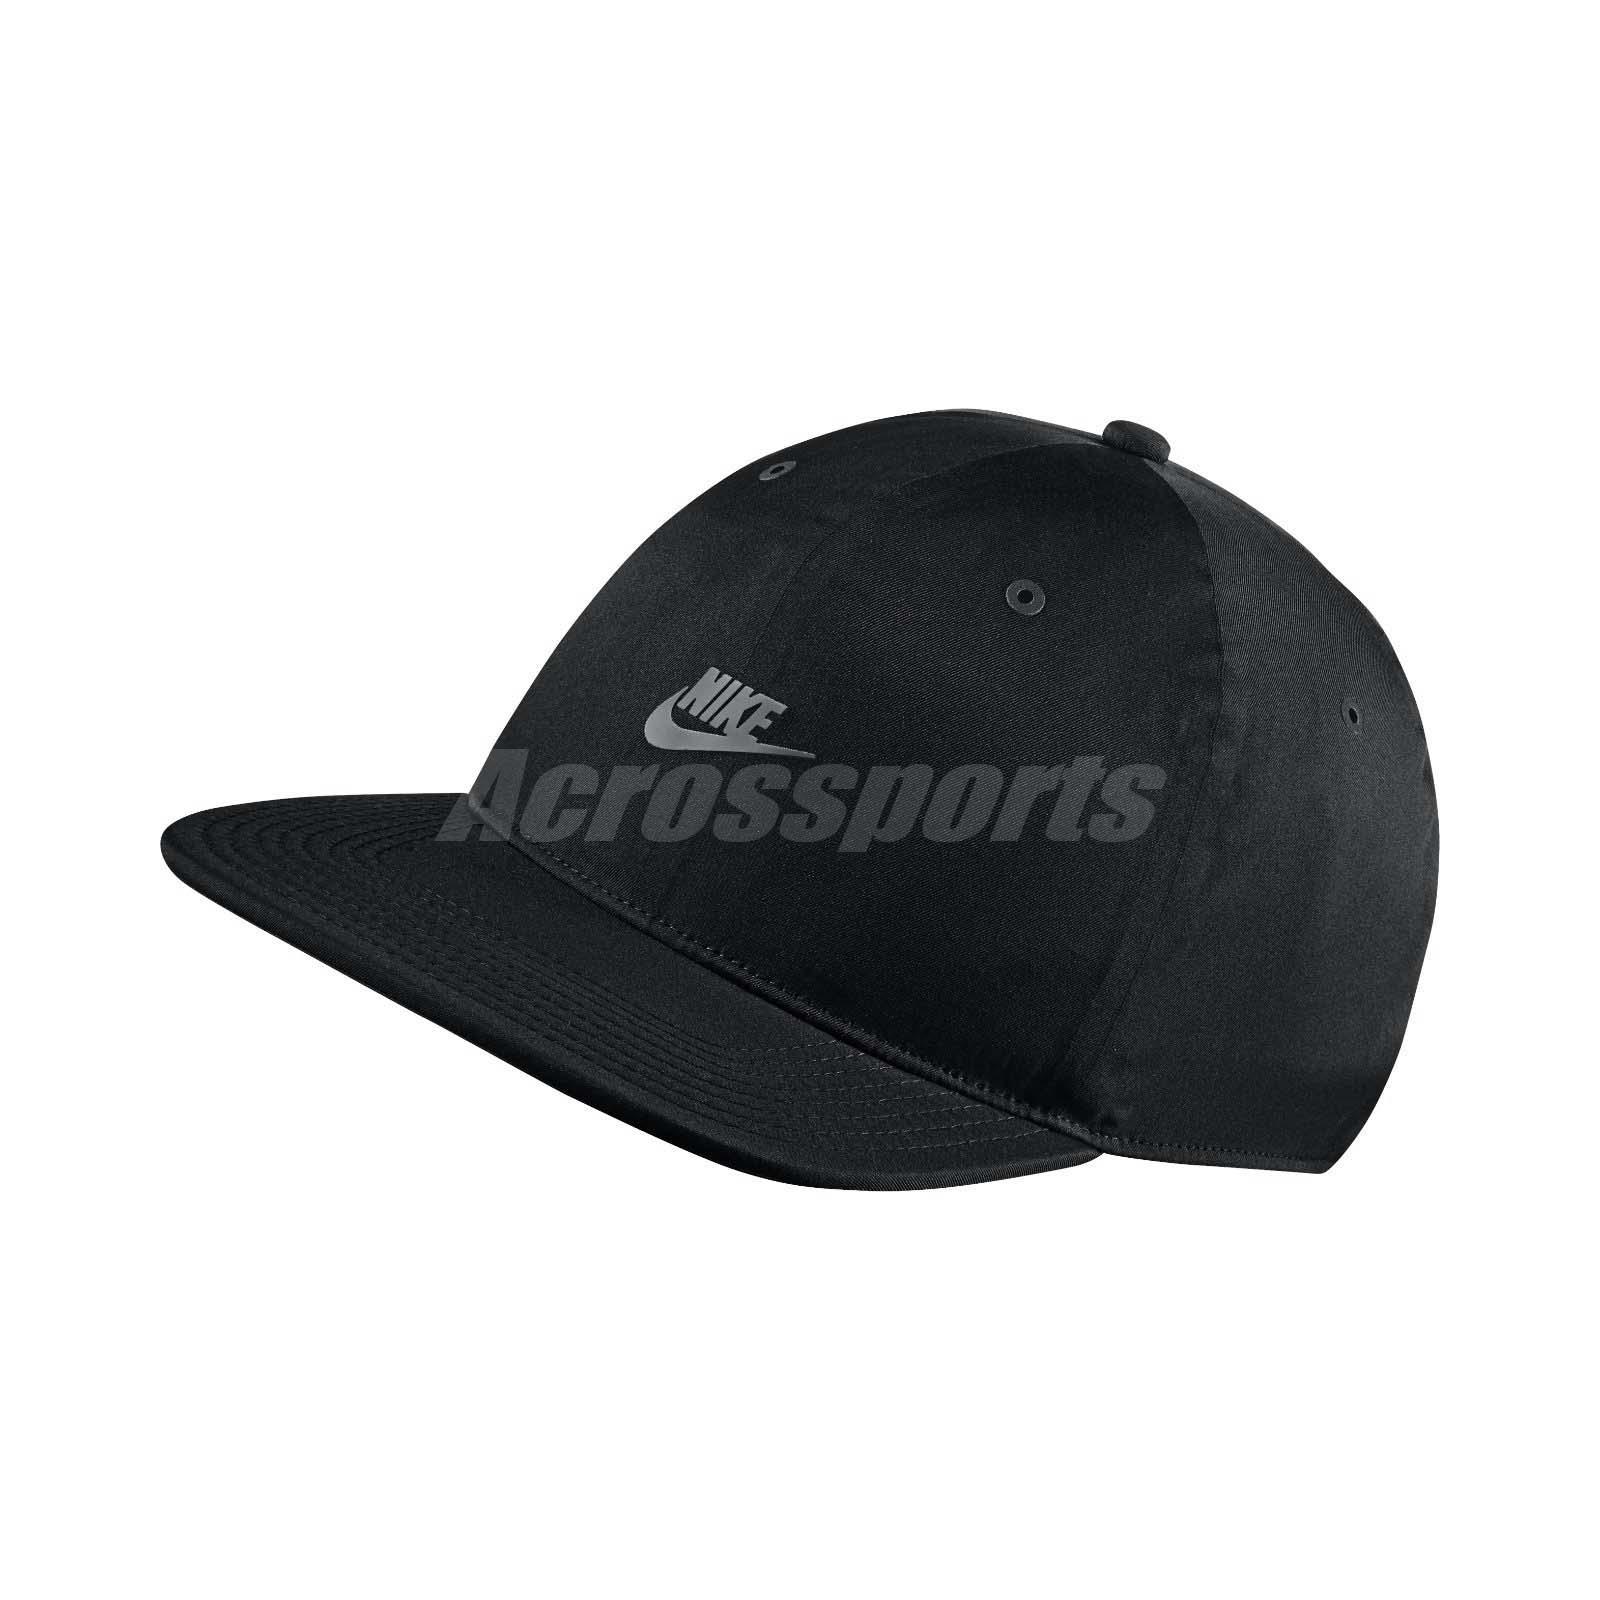 7eee9f3d6eb42 Details about Nike Sportswear Vapor Adjustable Hat Pro Tech Cap Black  Silver Sport 851653-010